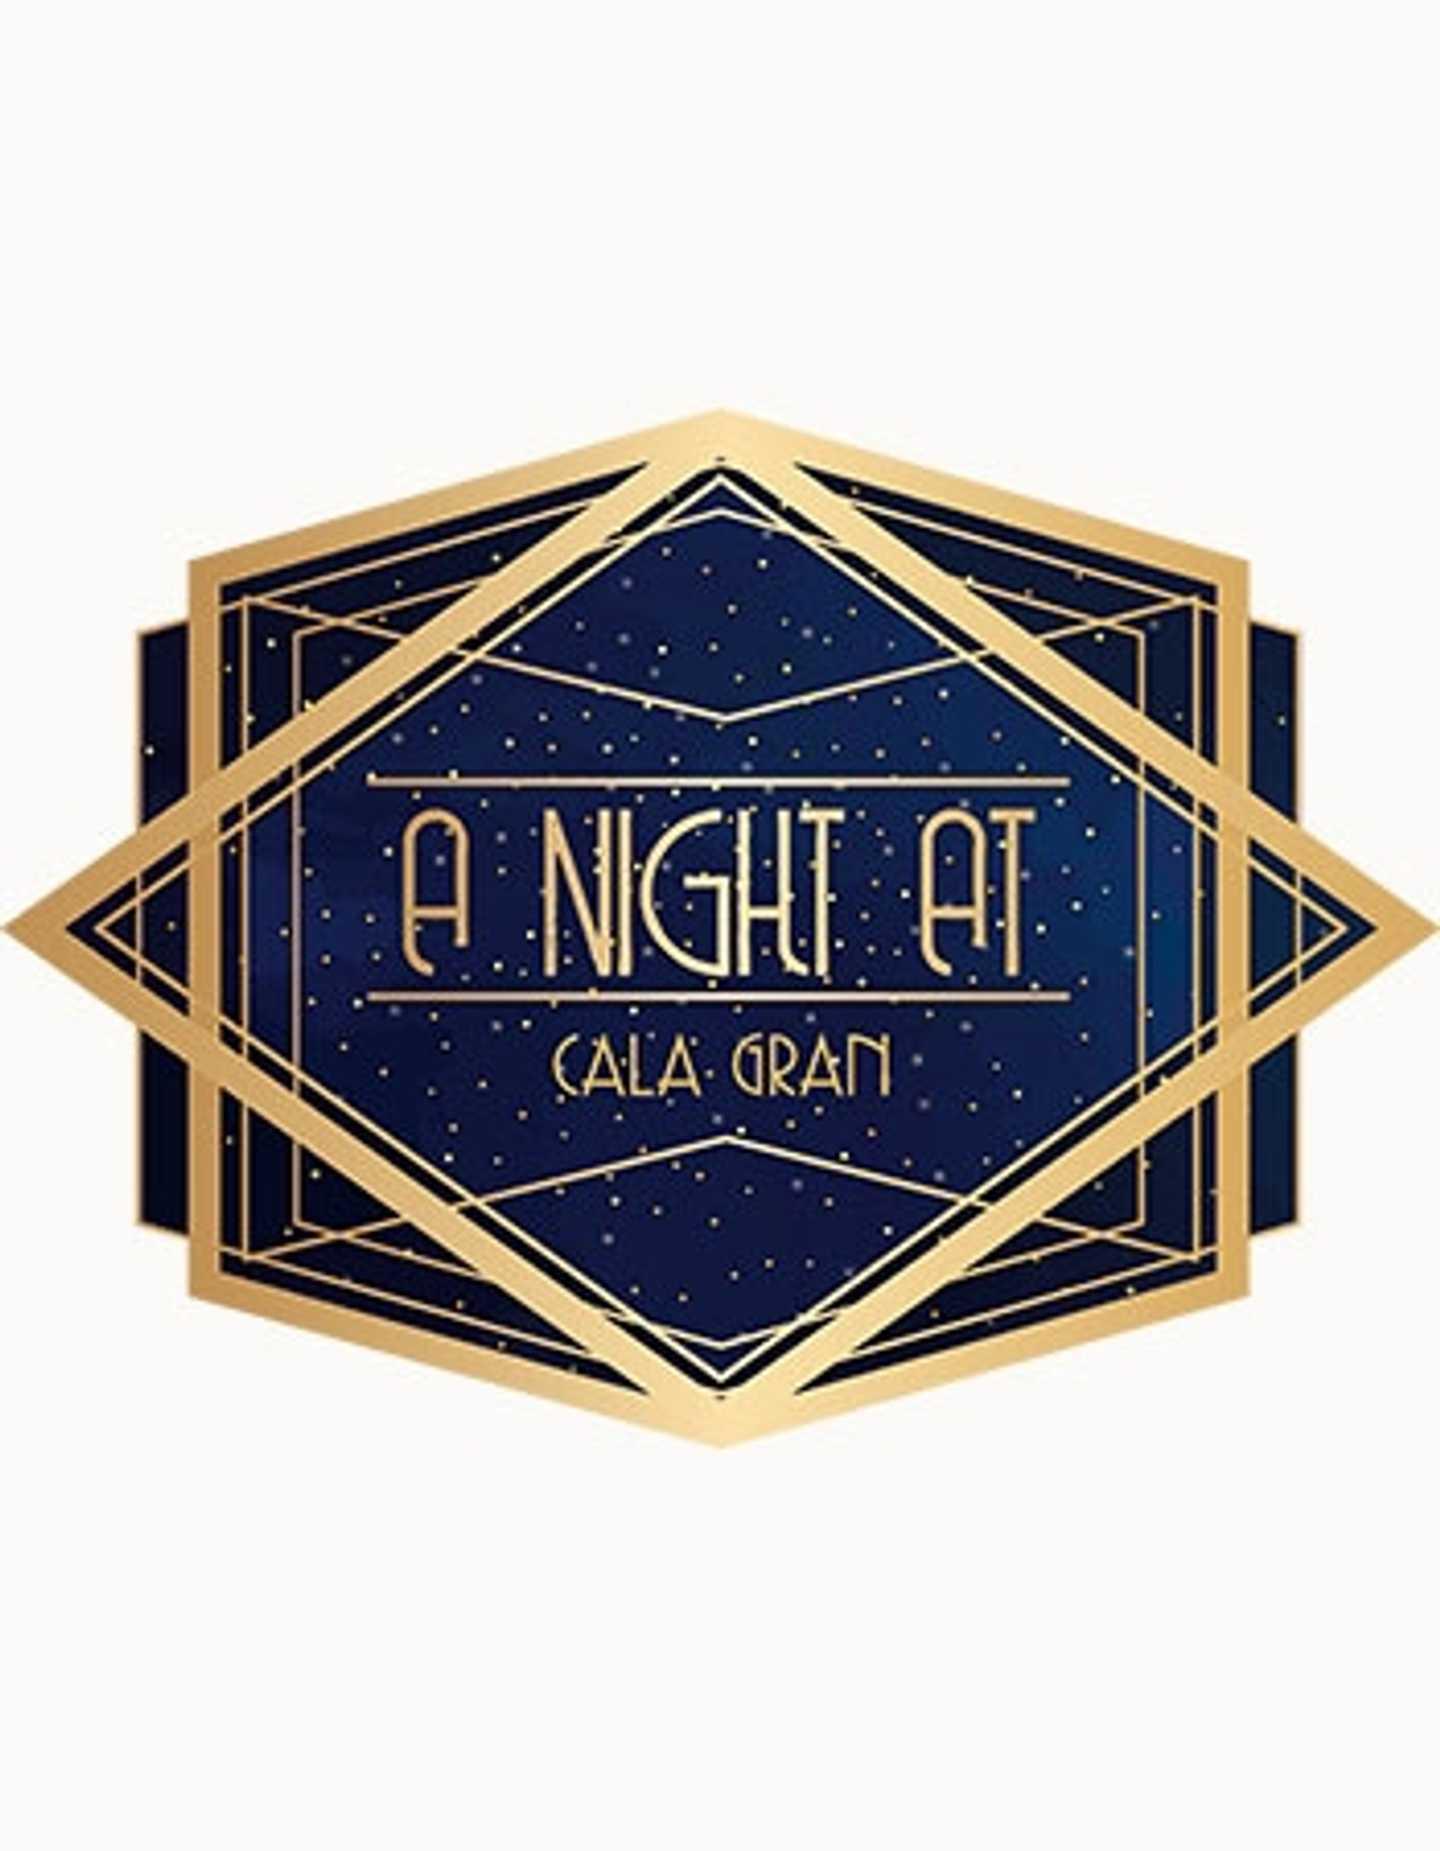 A night @ Cala Gran